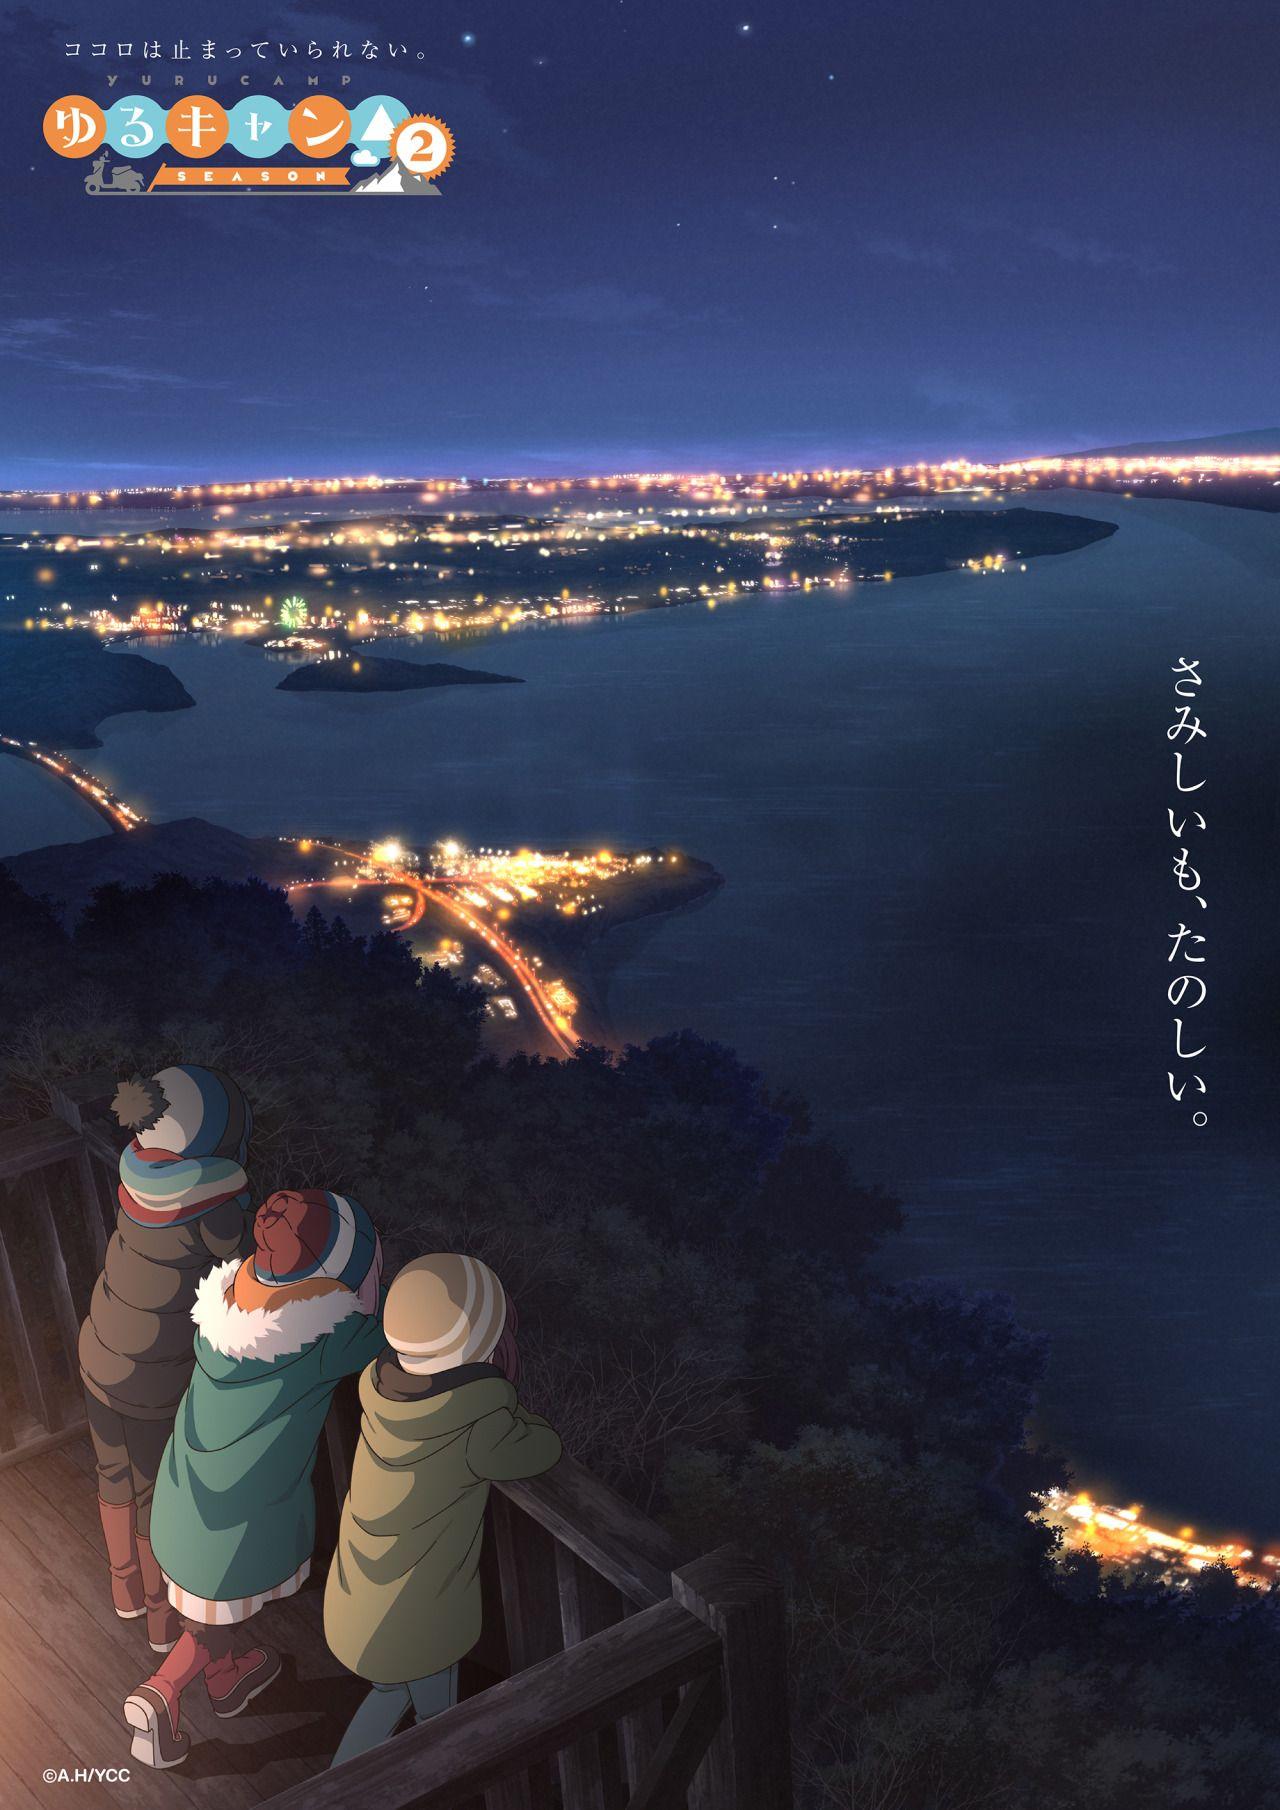 「Anime scenary」おしゃれまとめの人気アイデア|Pinterest|Mrsekenn 78【2020